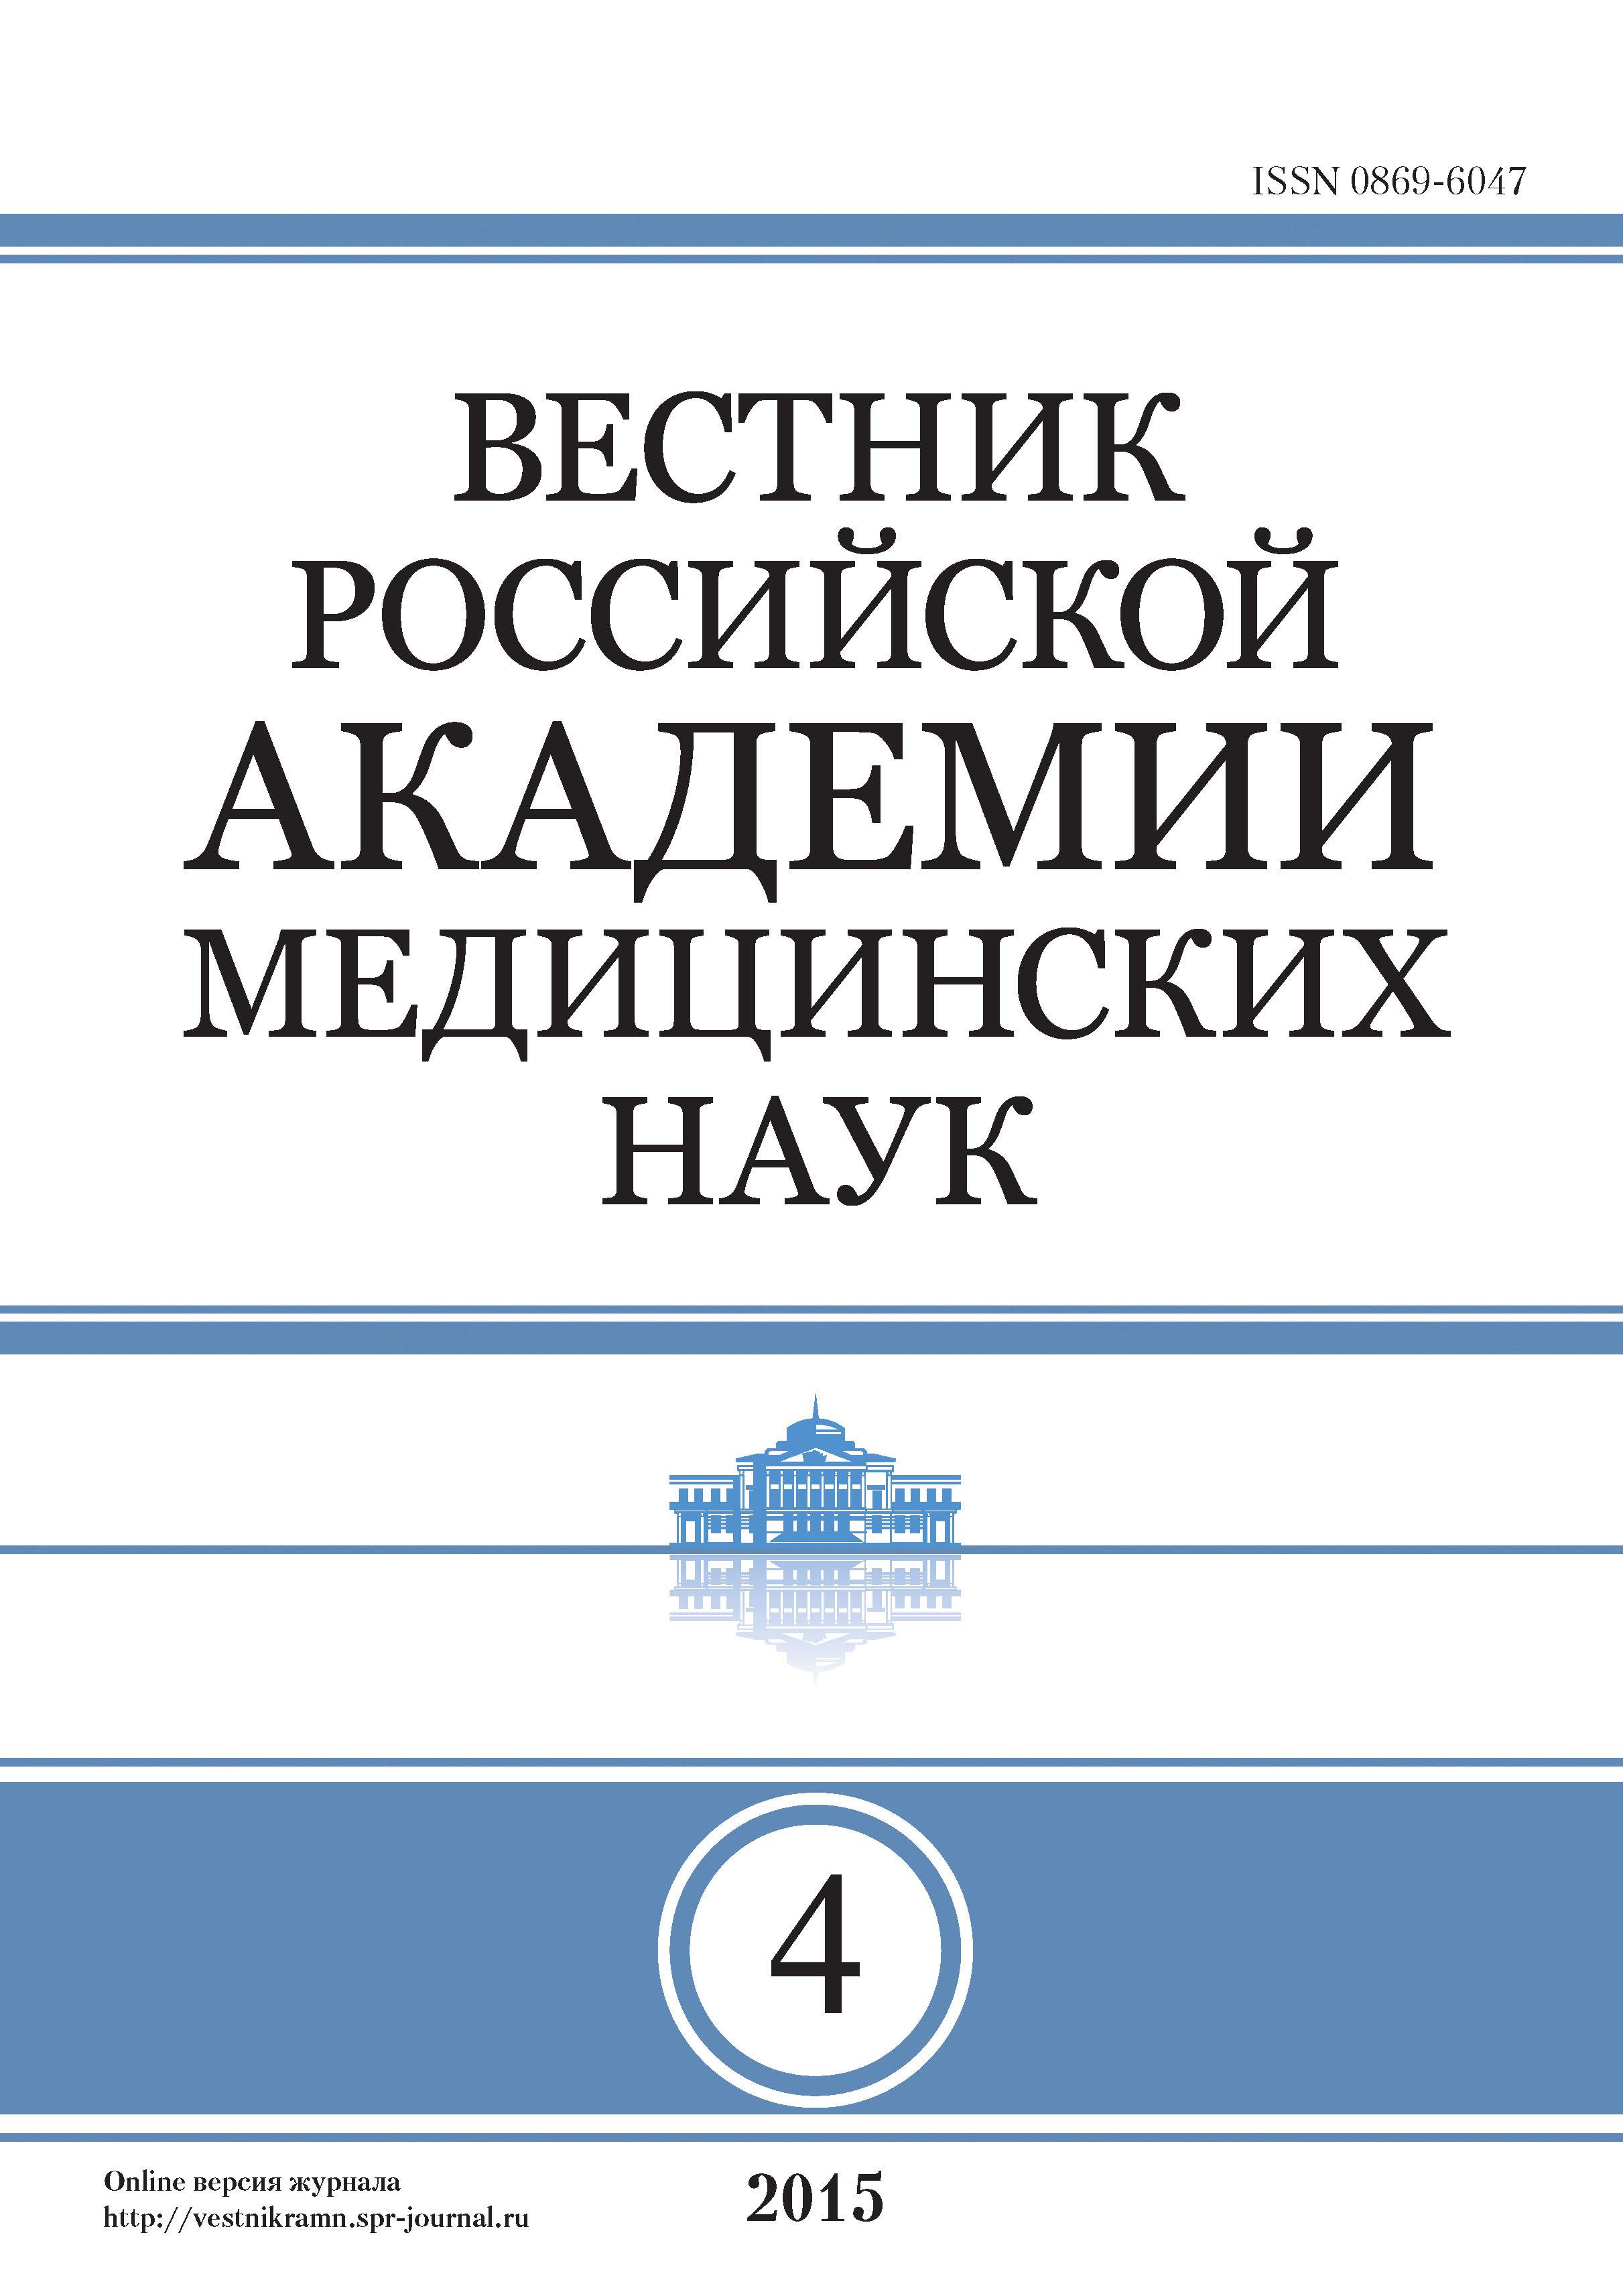 Вестник Российской академии медицинских наук №4/2015